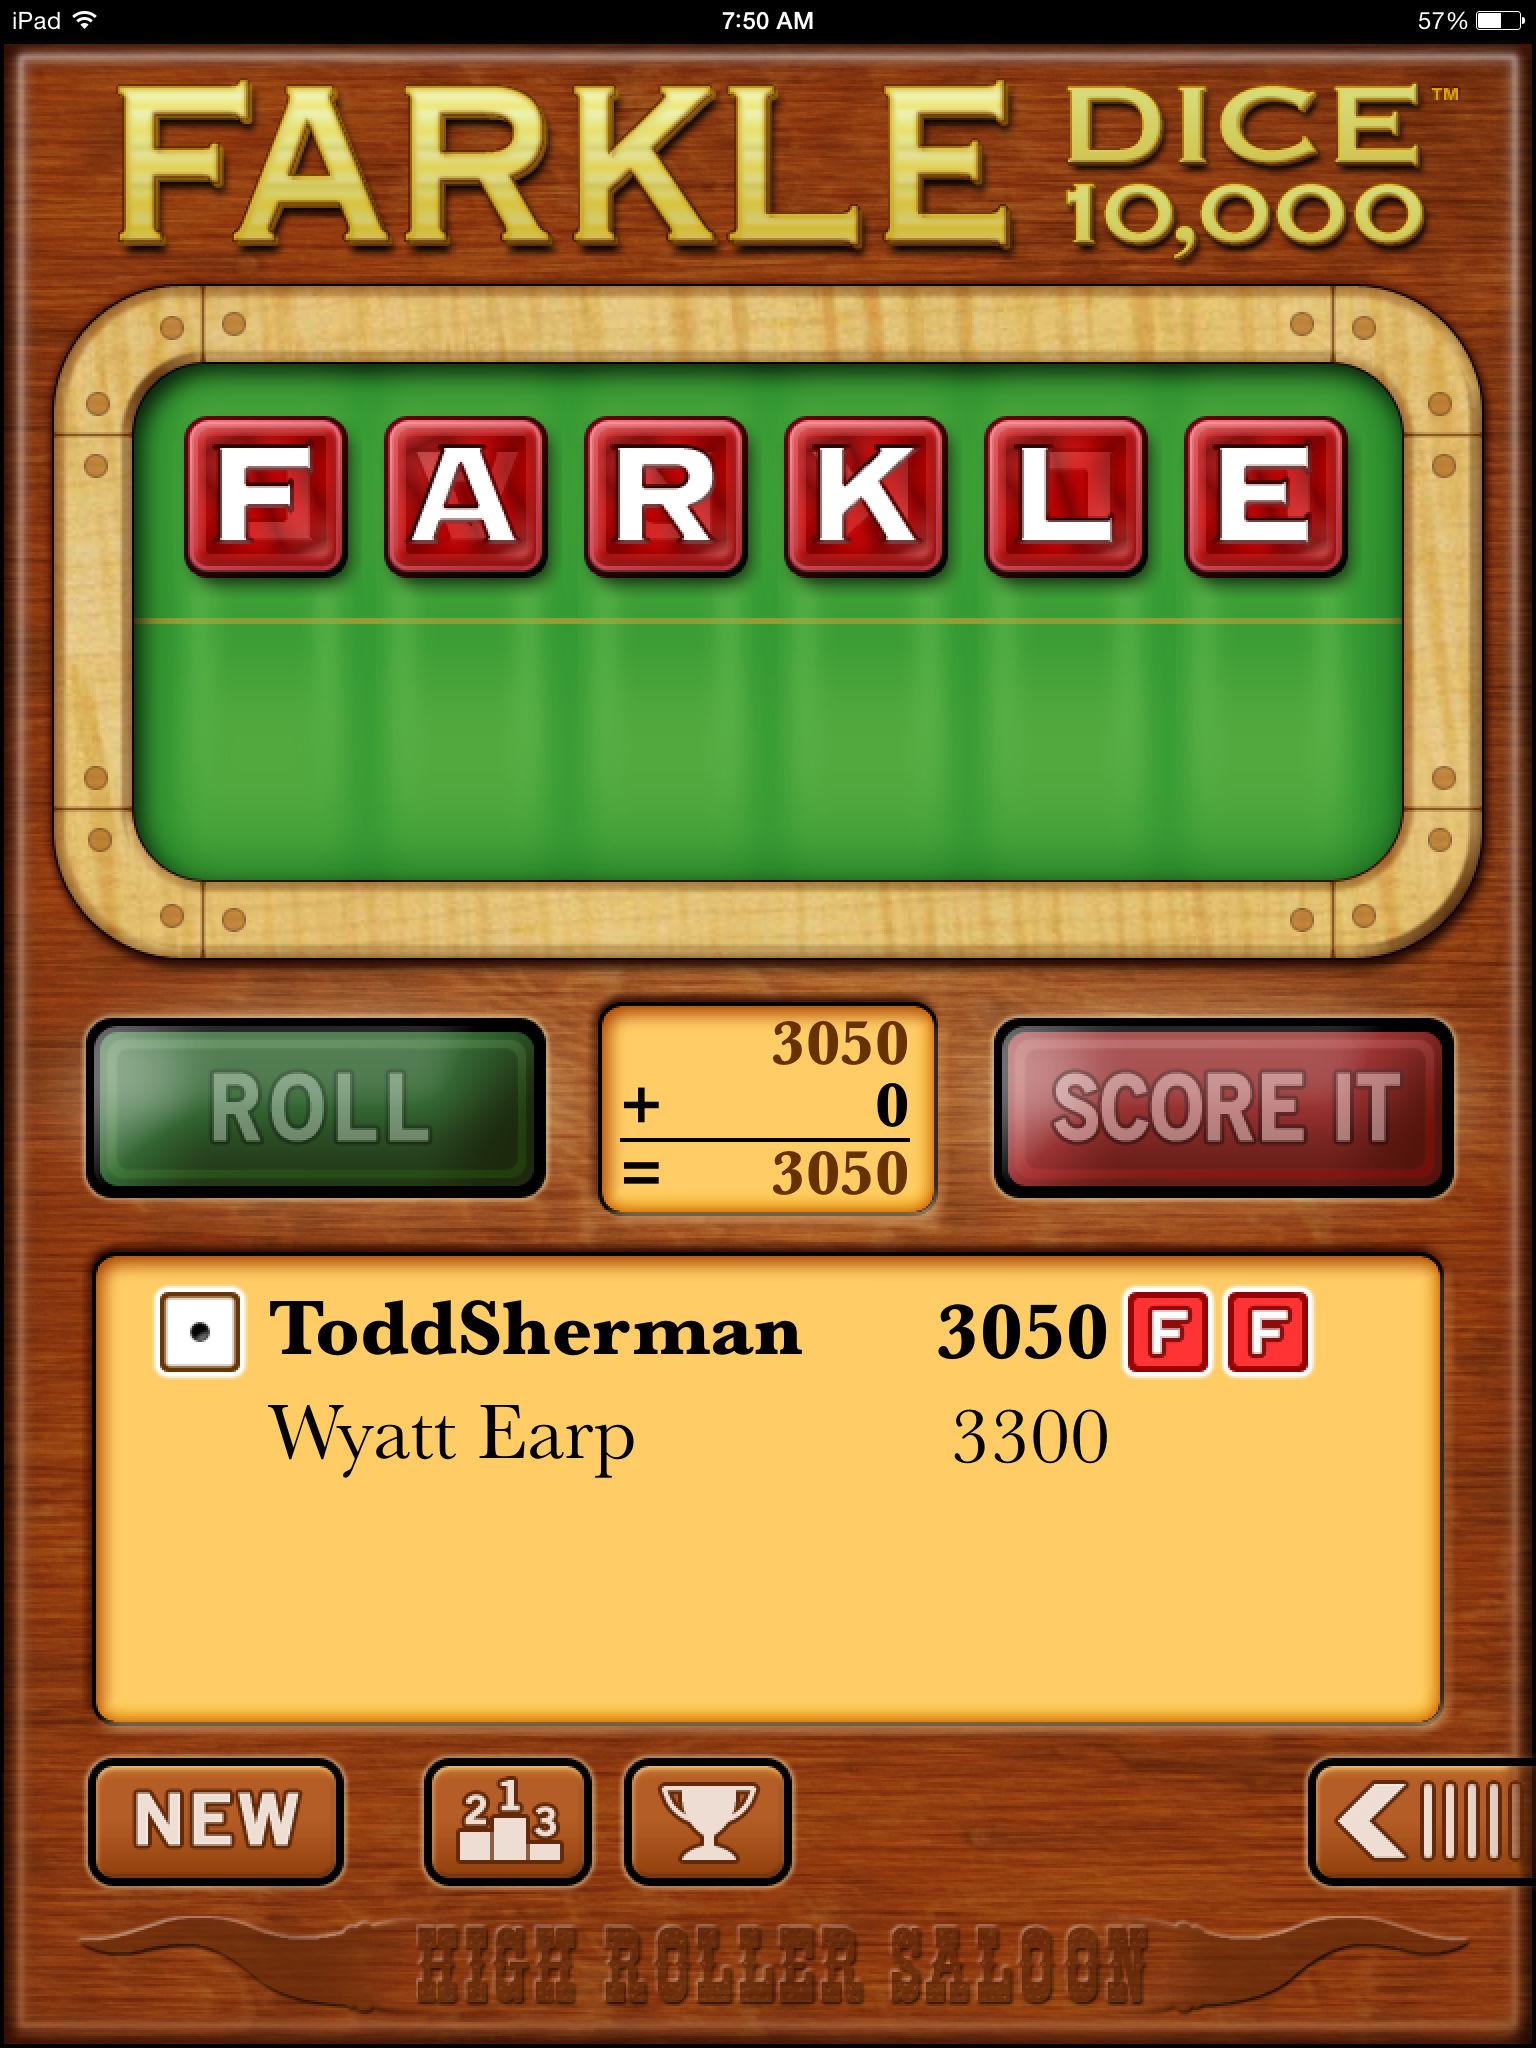 Farkle Dice Rolling a Farkle